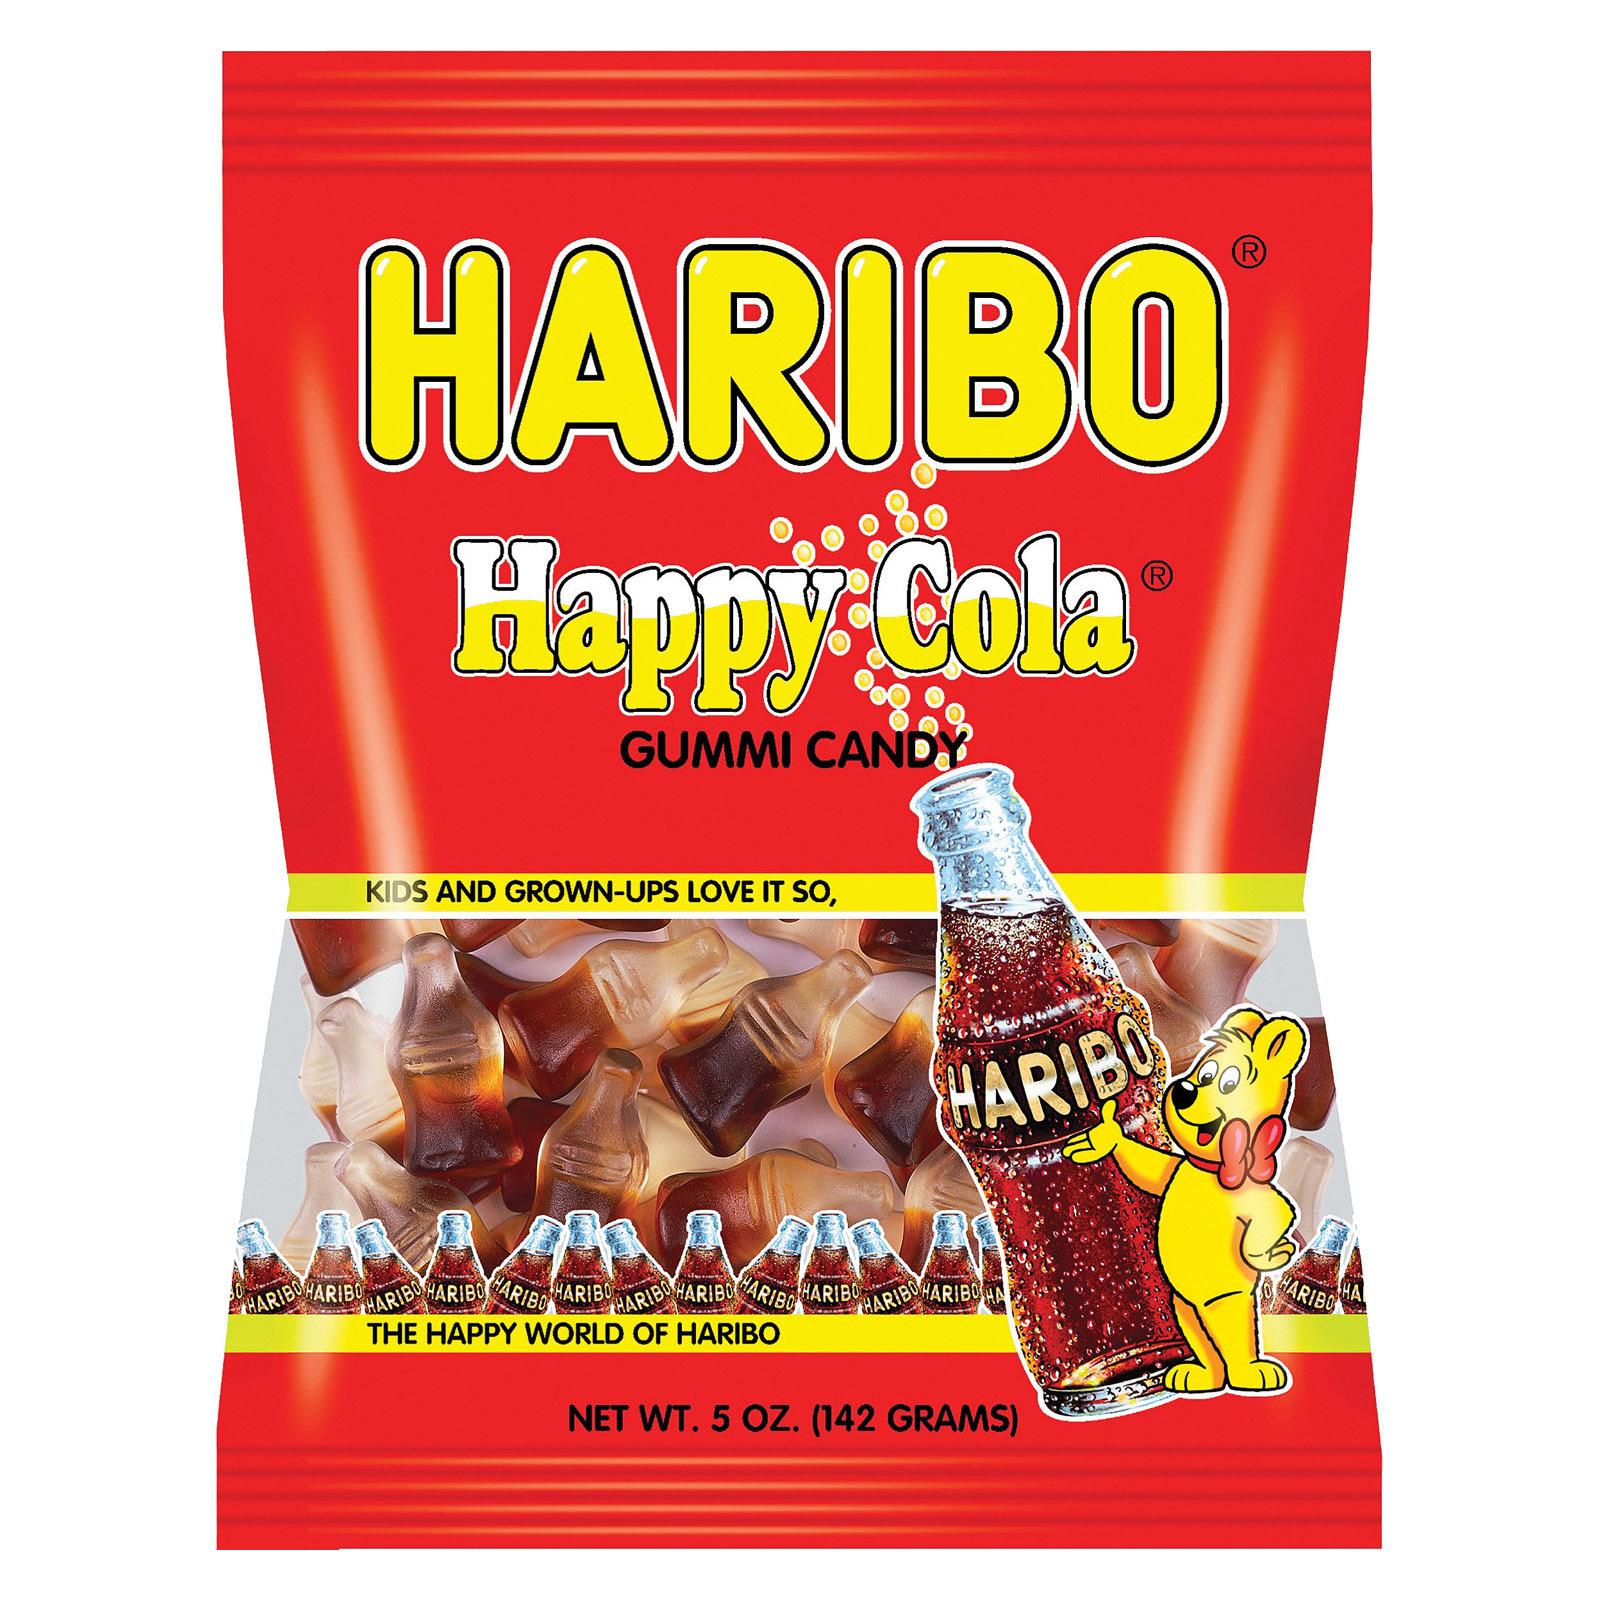 Haribo Happy Cola - Cola - Case of 12 - 5 oz.